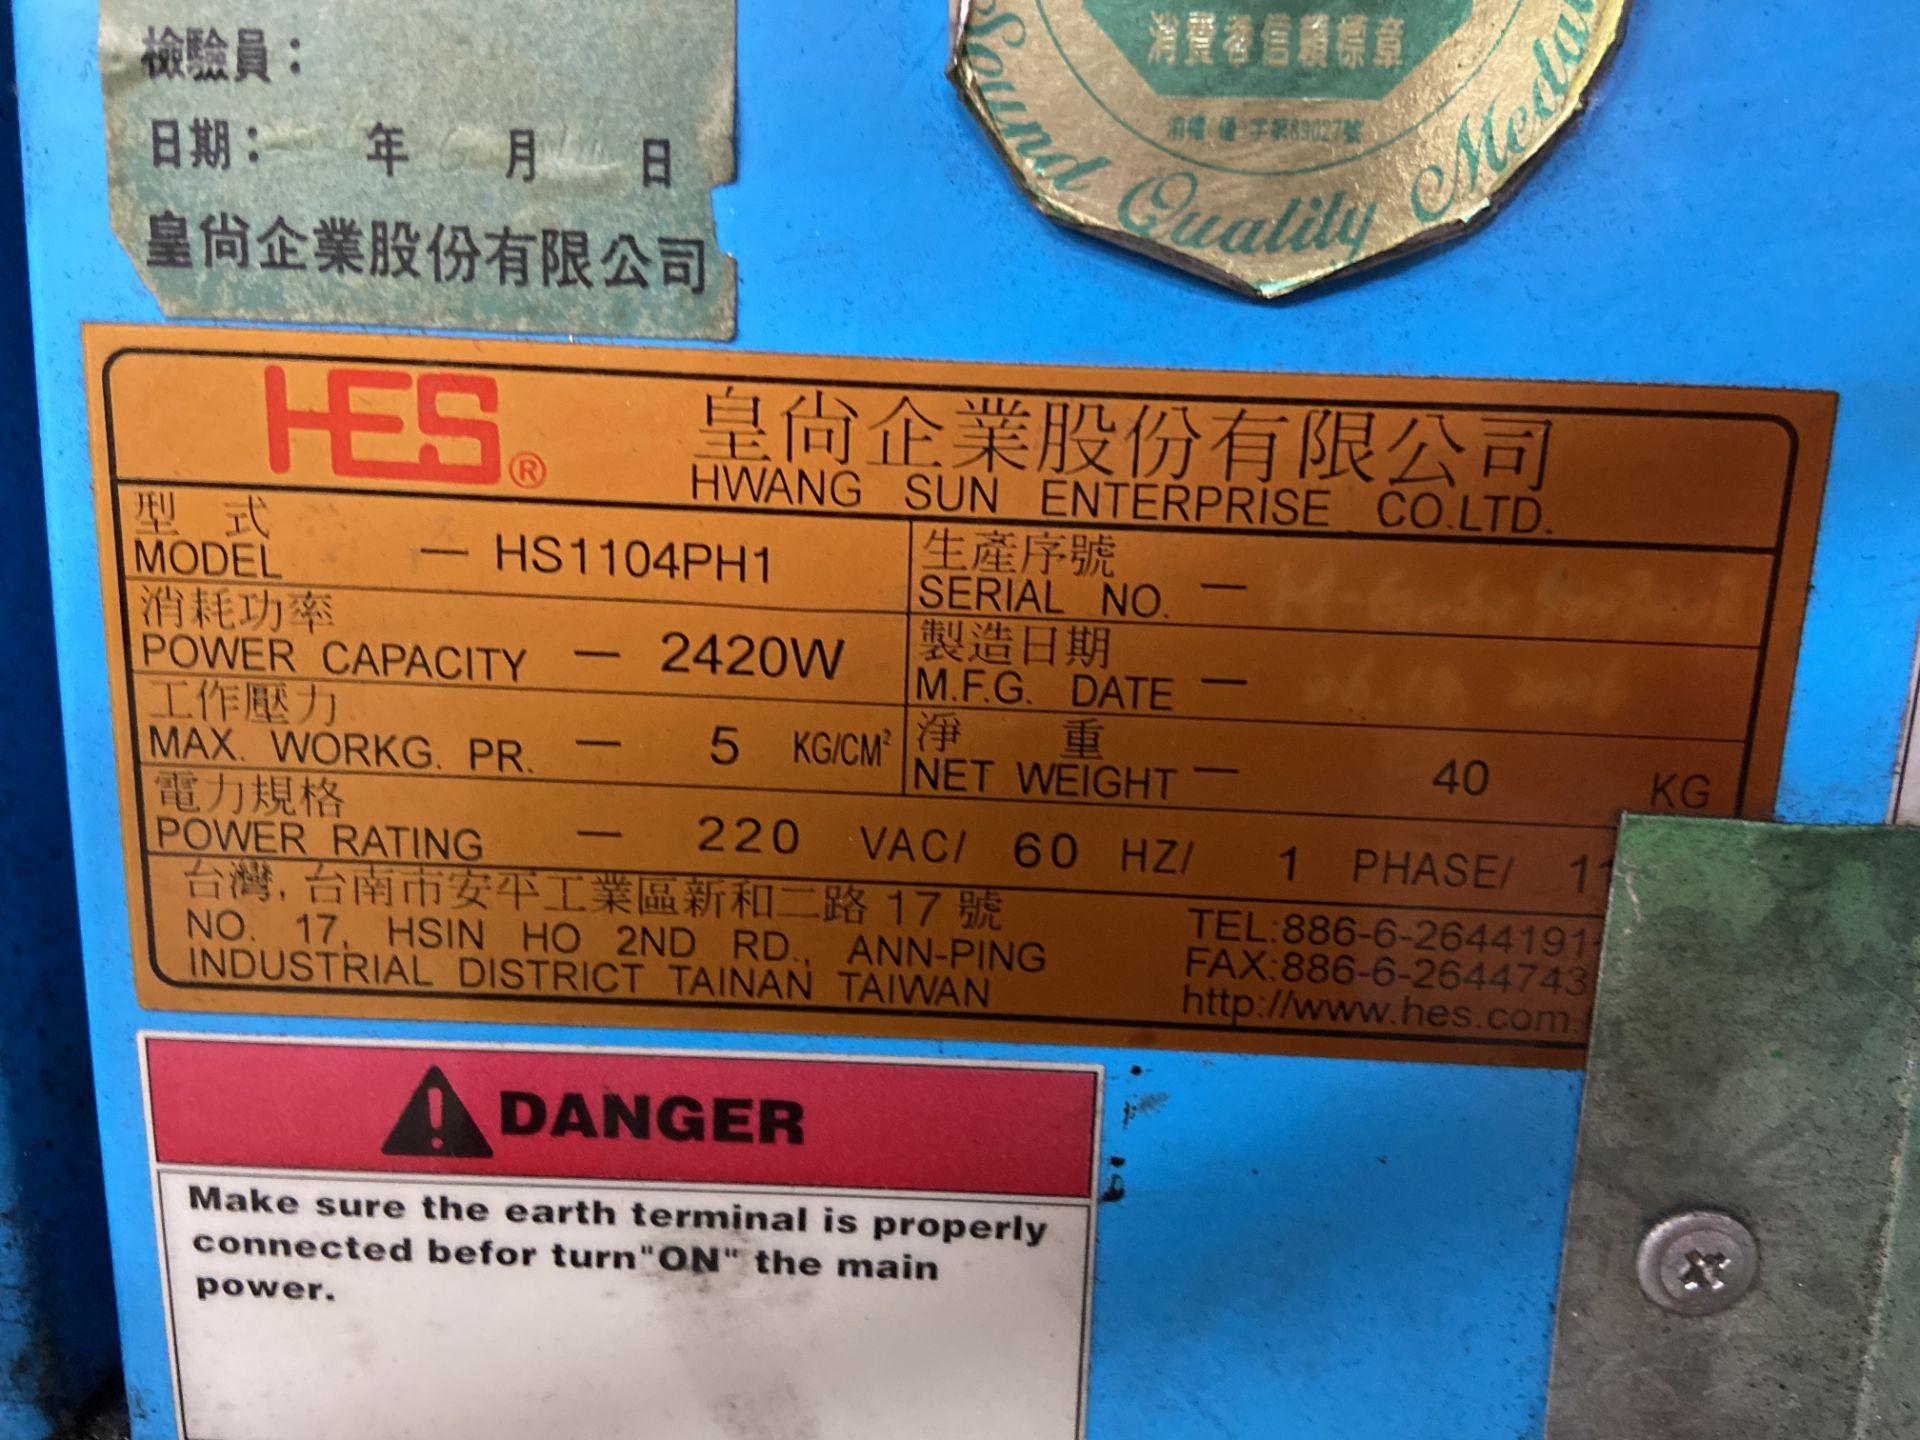 Lot 132 - (2) Aplicadores de pegamento caliente marca Hwang Sun Enterprise, Modelo: HS1104-PHI